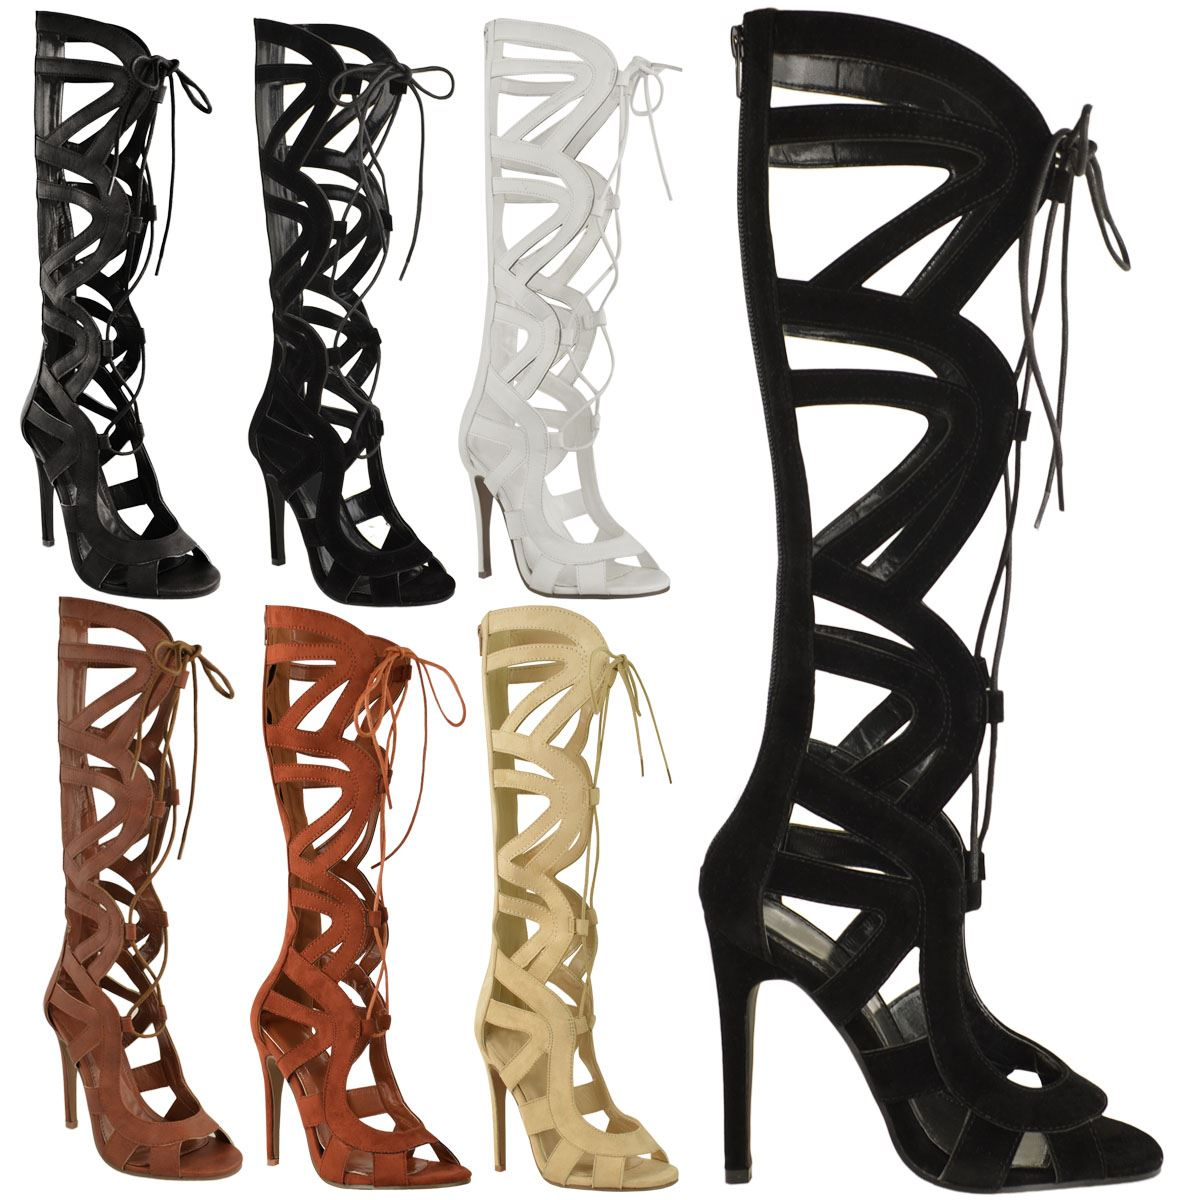 Size 12 Womens Heels - Is Heel